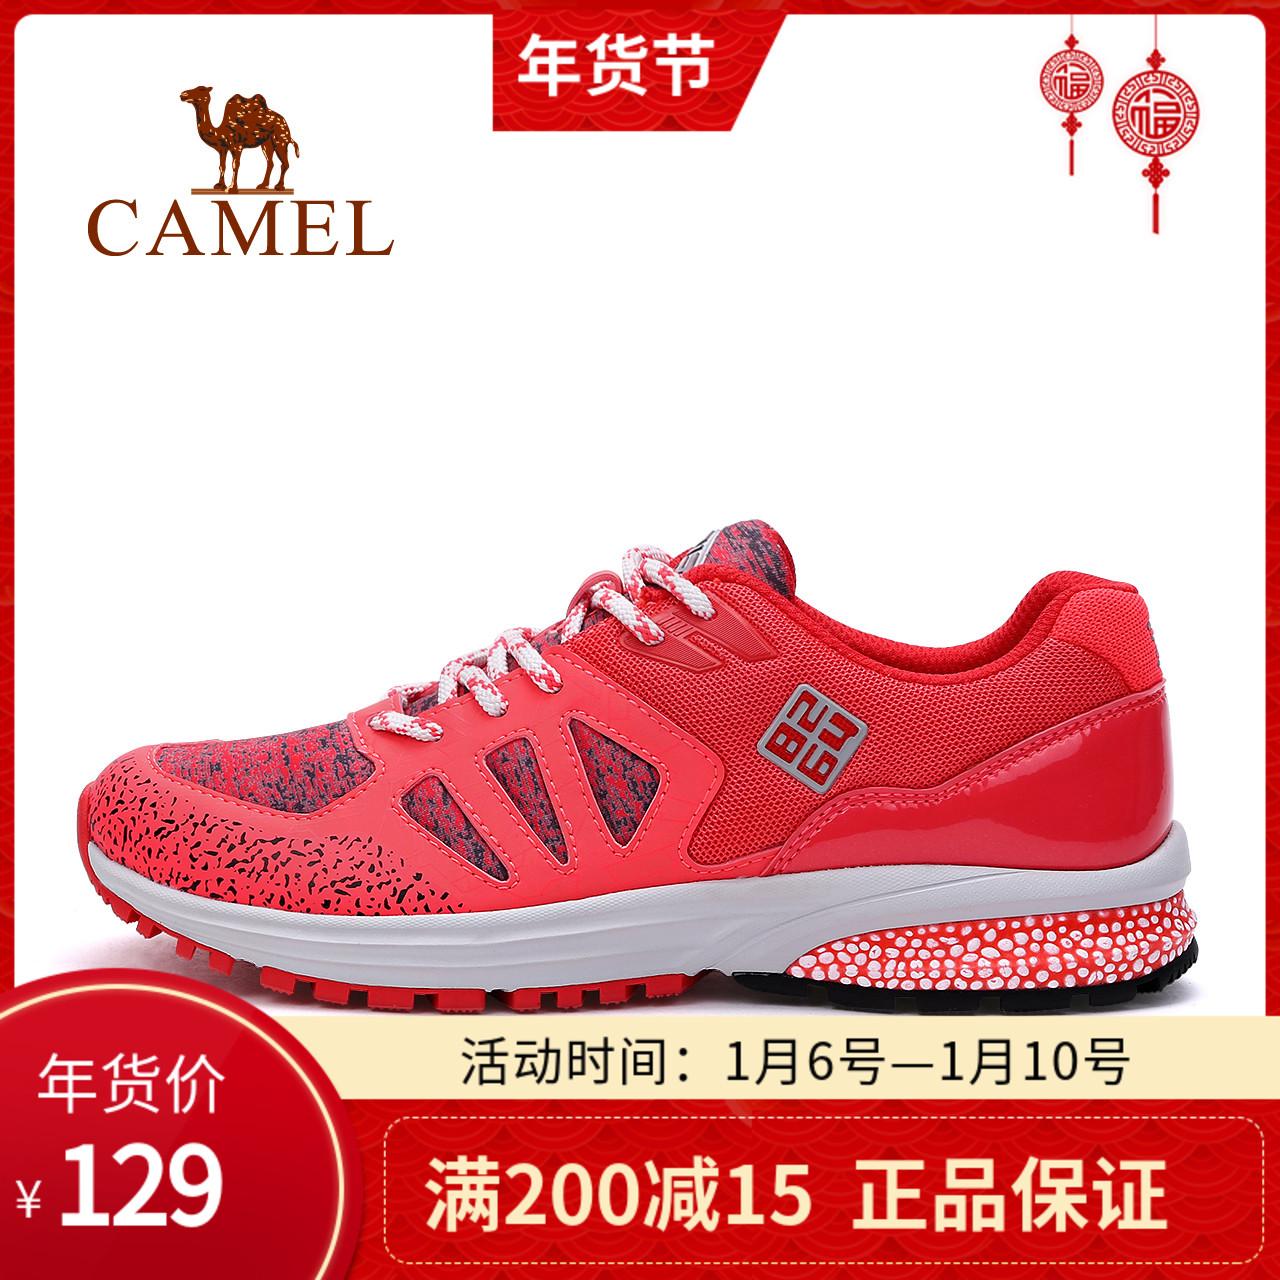 骆驼运动鞋女 跑步鞋正品 2019户外越野跑鞋8264登山队女式休闲鞋